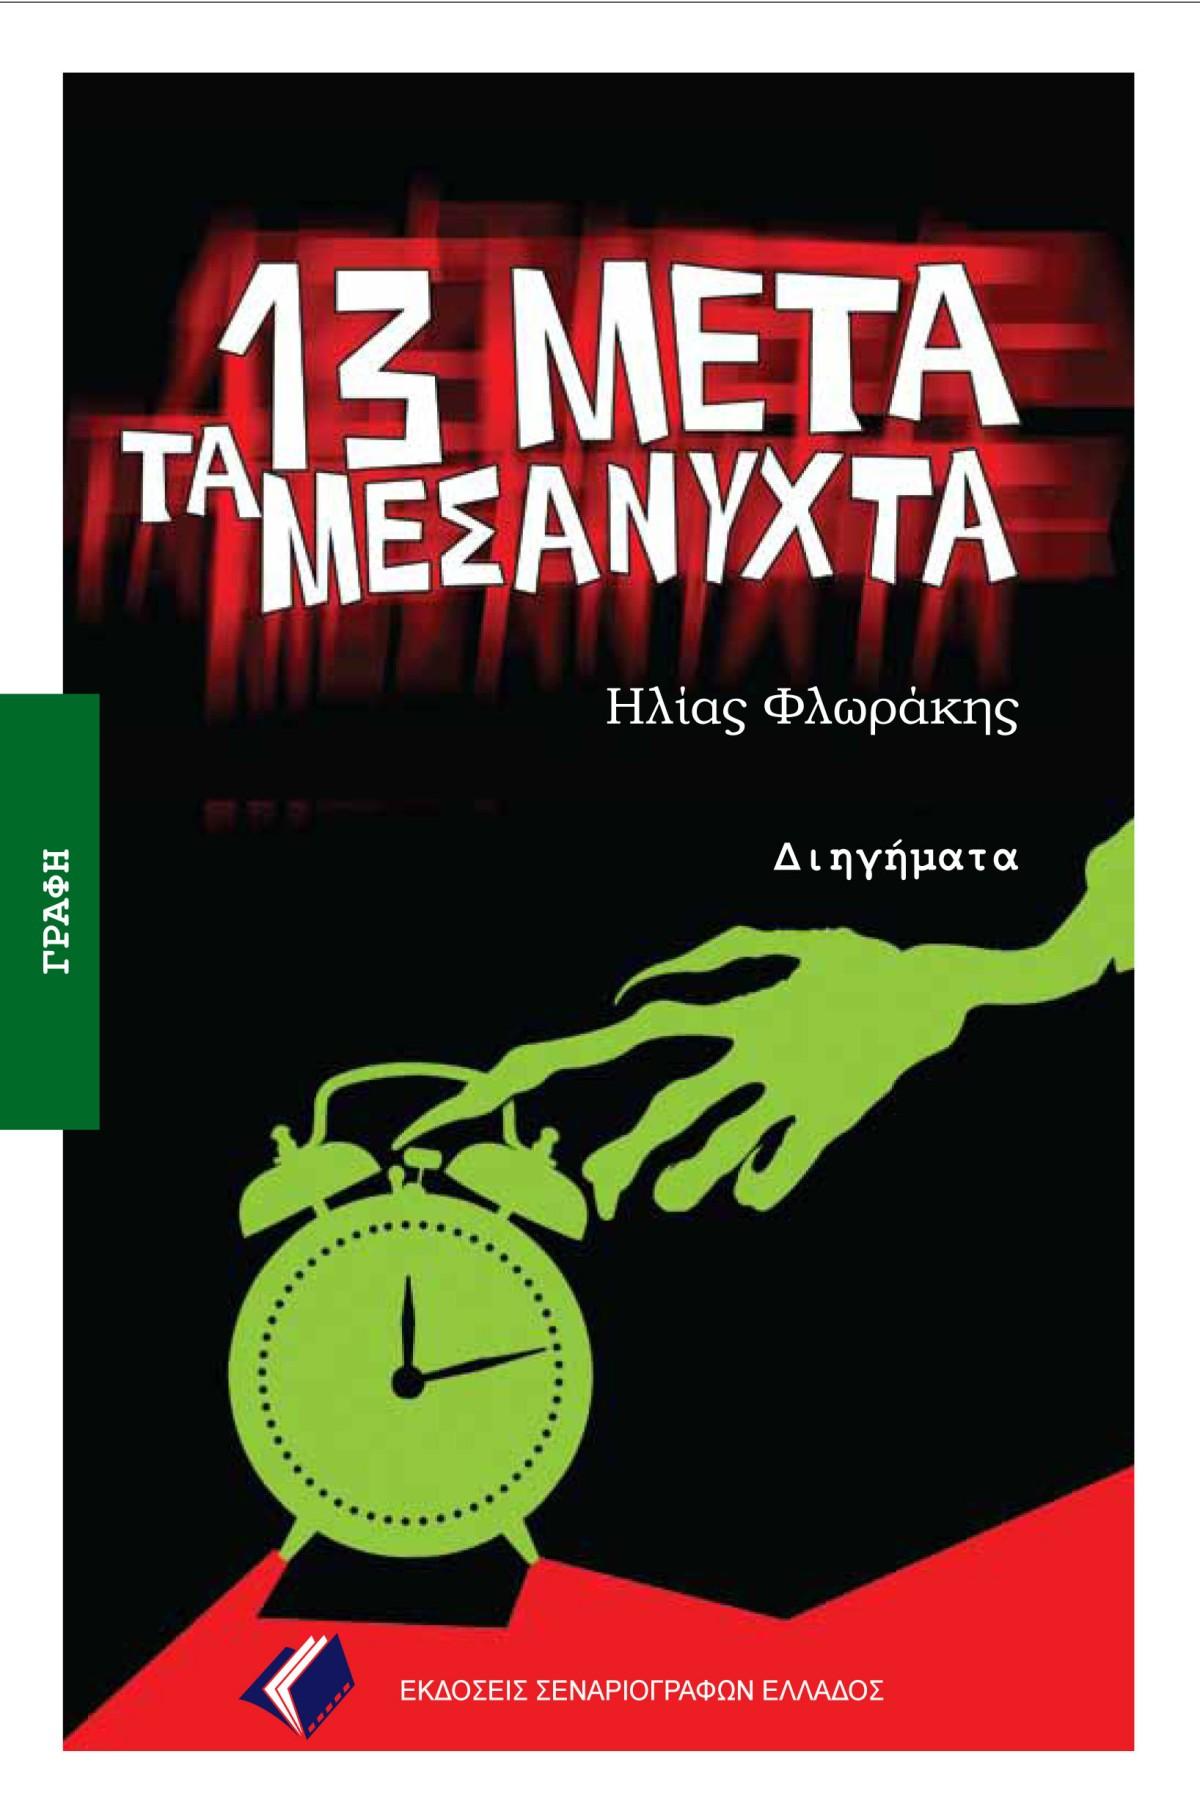 13 μετά τα μεσάνυχτα (1016) εκδ. ΣεναριογράφωνΕλλάδος